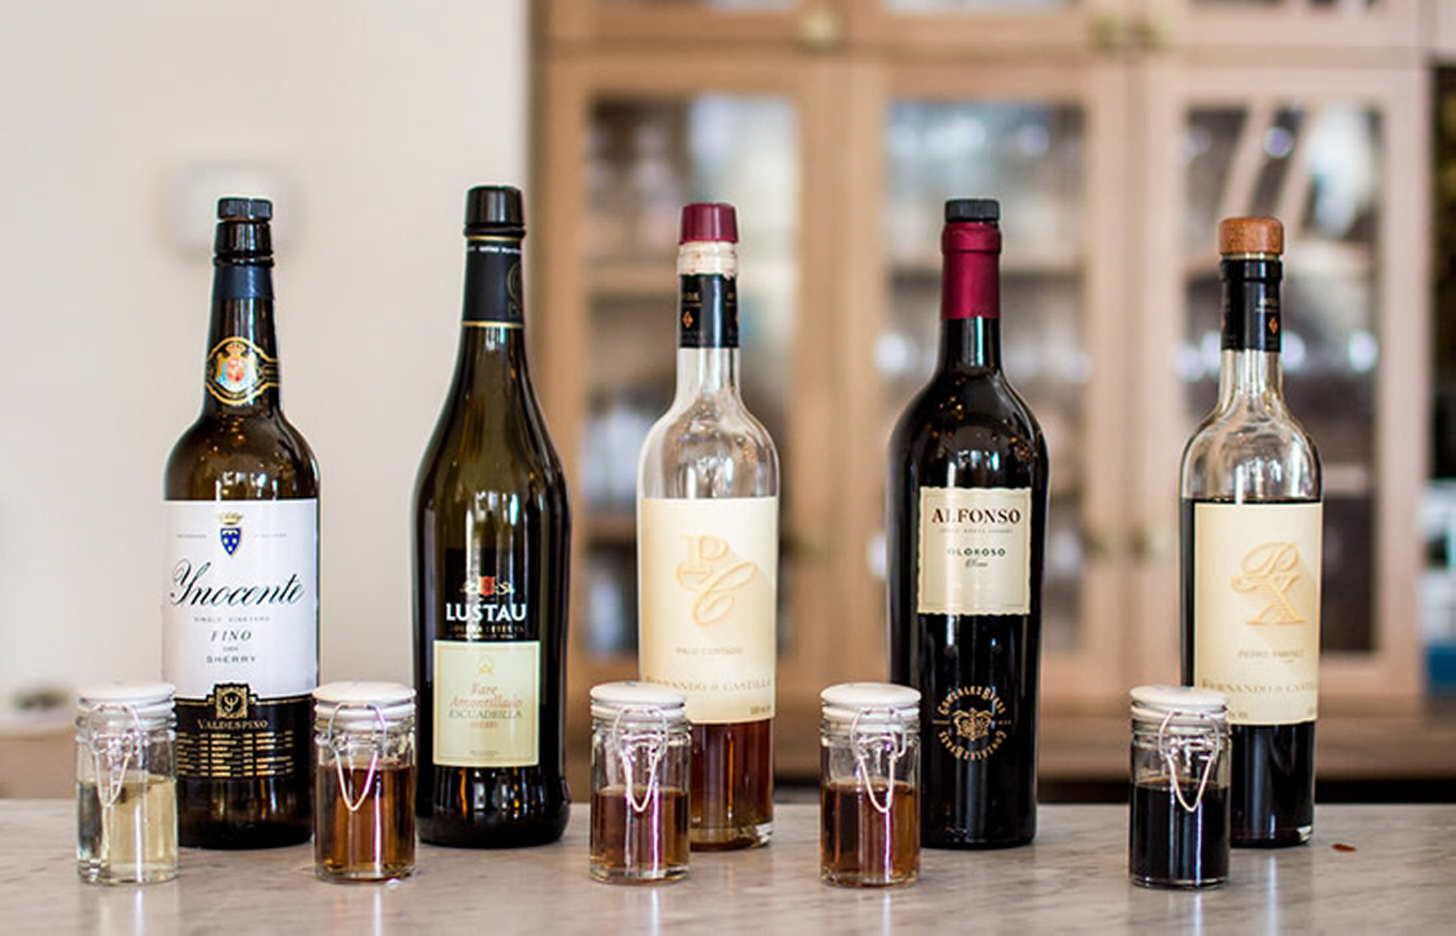 Крепкие алкогольные напитки испании